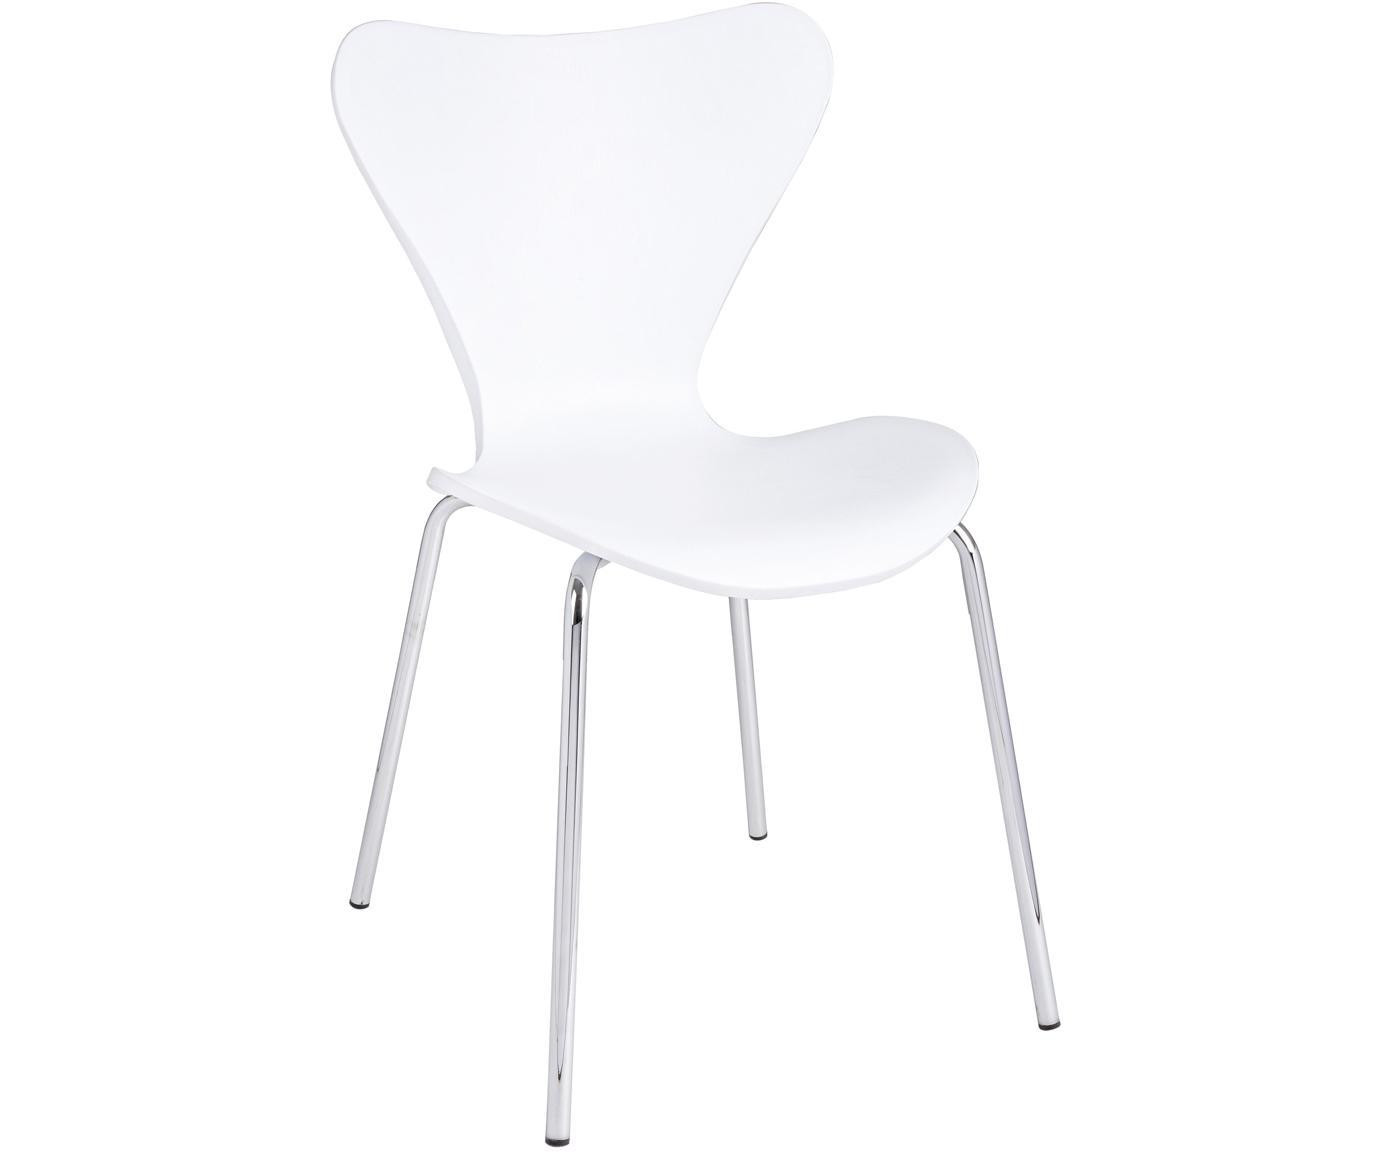 Stapelbare Kunststoffstühle Tessa, 2 Stück, Sitzfläche: Kunststoff (Polypropylen), Beine: Metall, verchromt, Weiß, Chrom, B 50 x T 50 cm